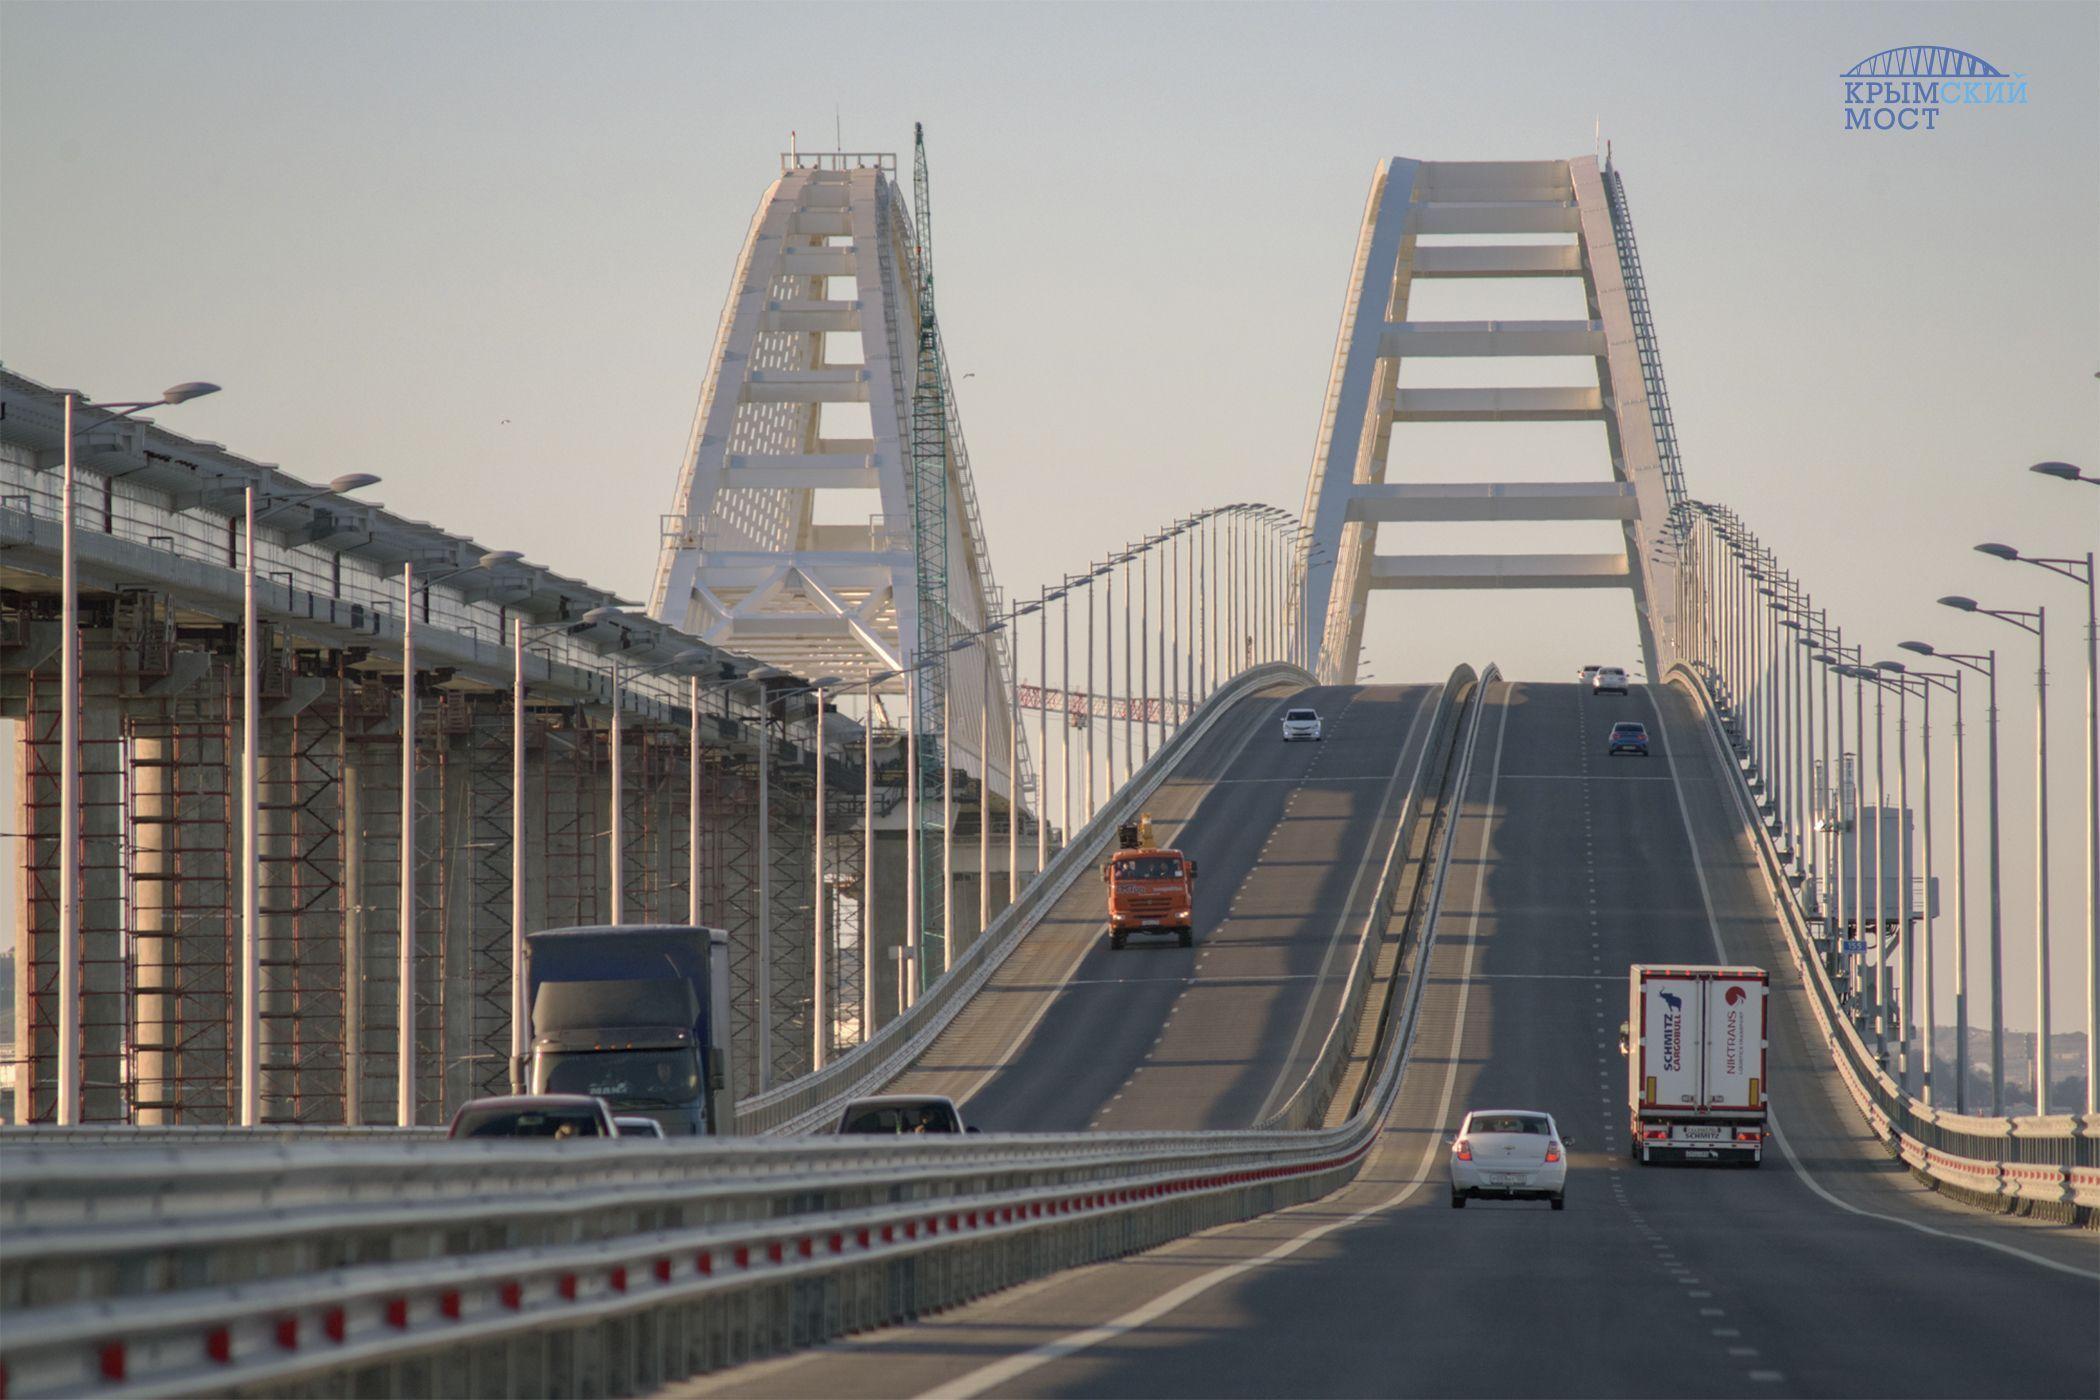 Очень сильно спешил: автомобиль проехал по Крымскому мосту со скоростью 243 км/ч